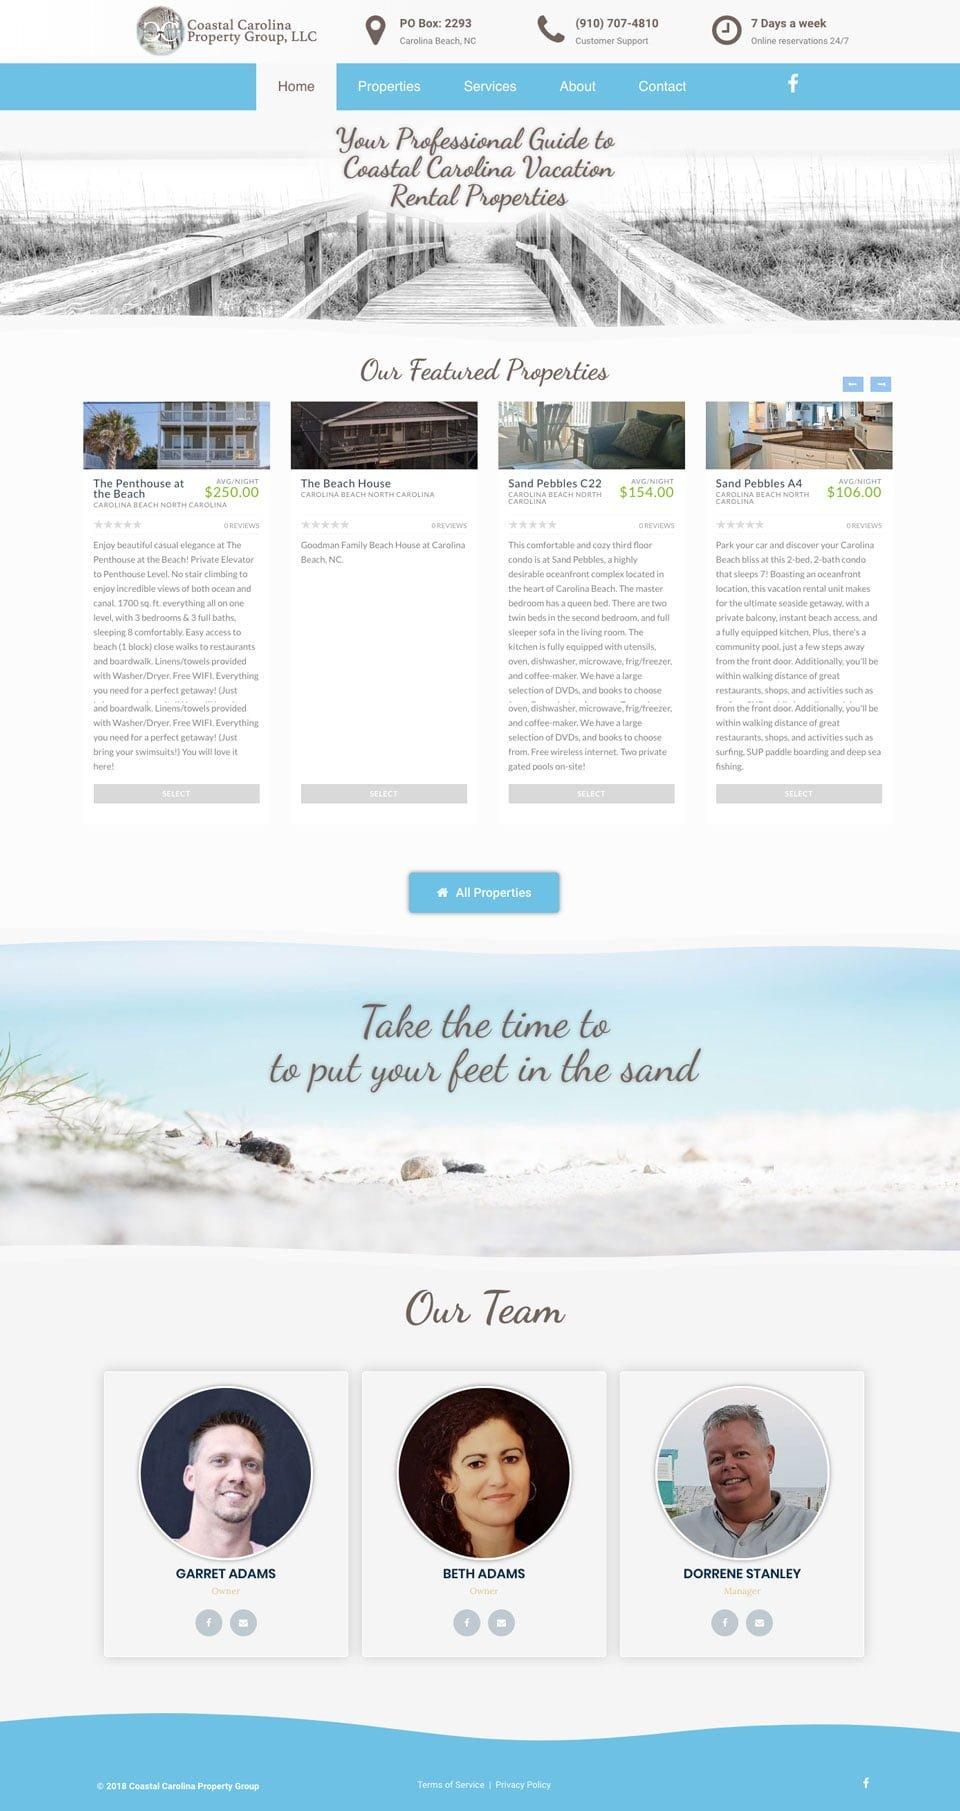 Coastal Carolina Property Group 1